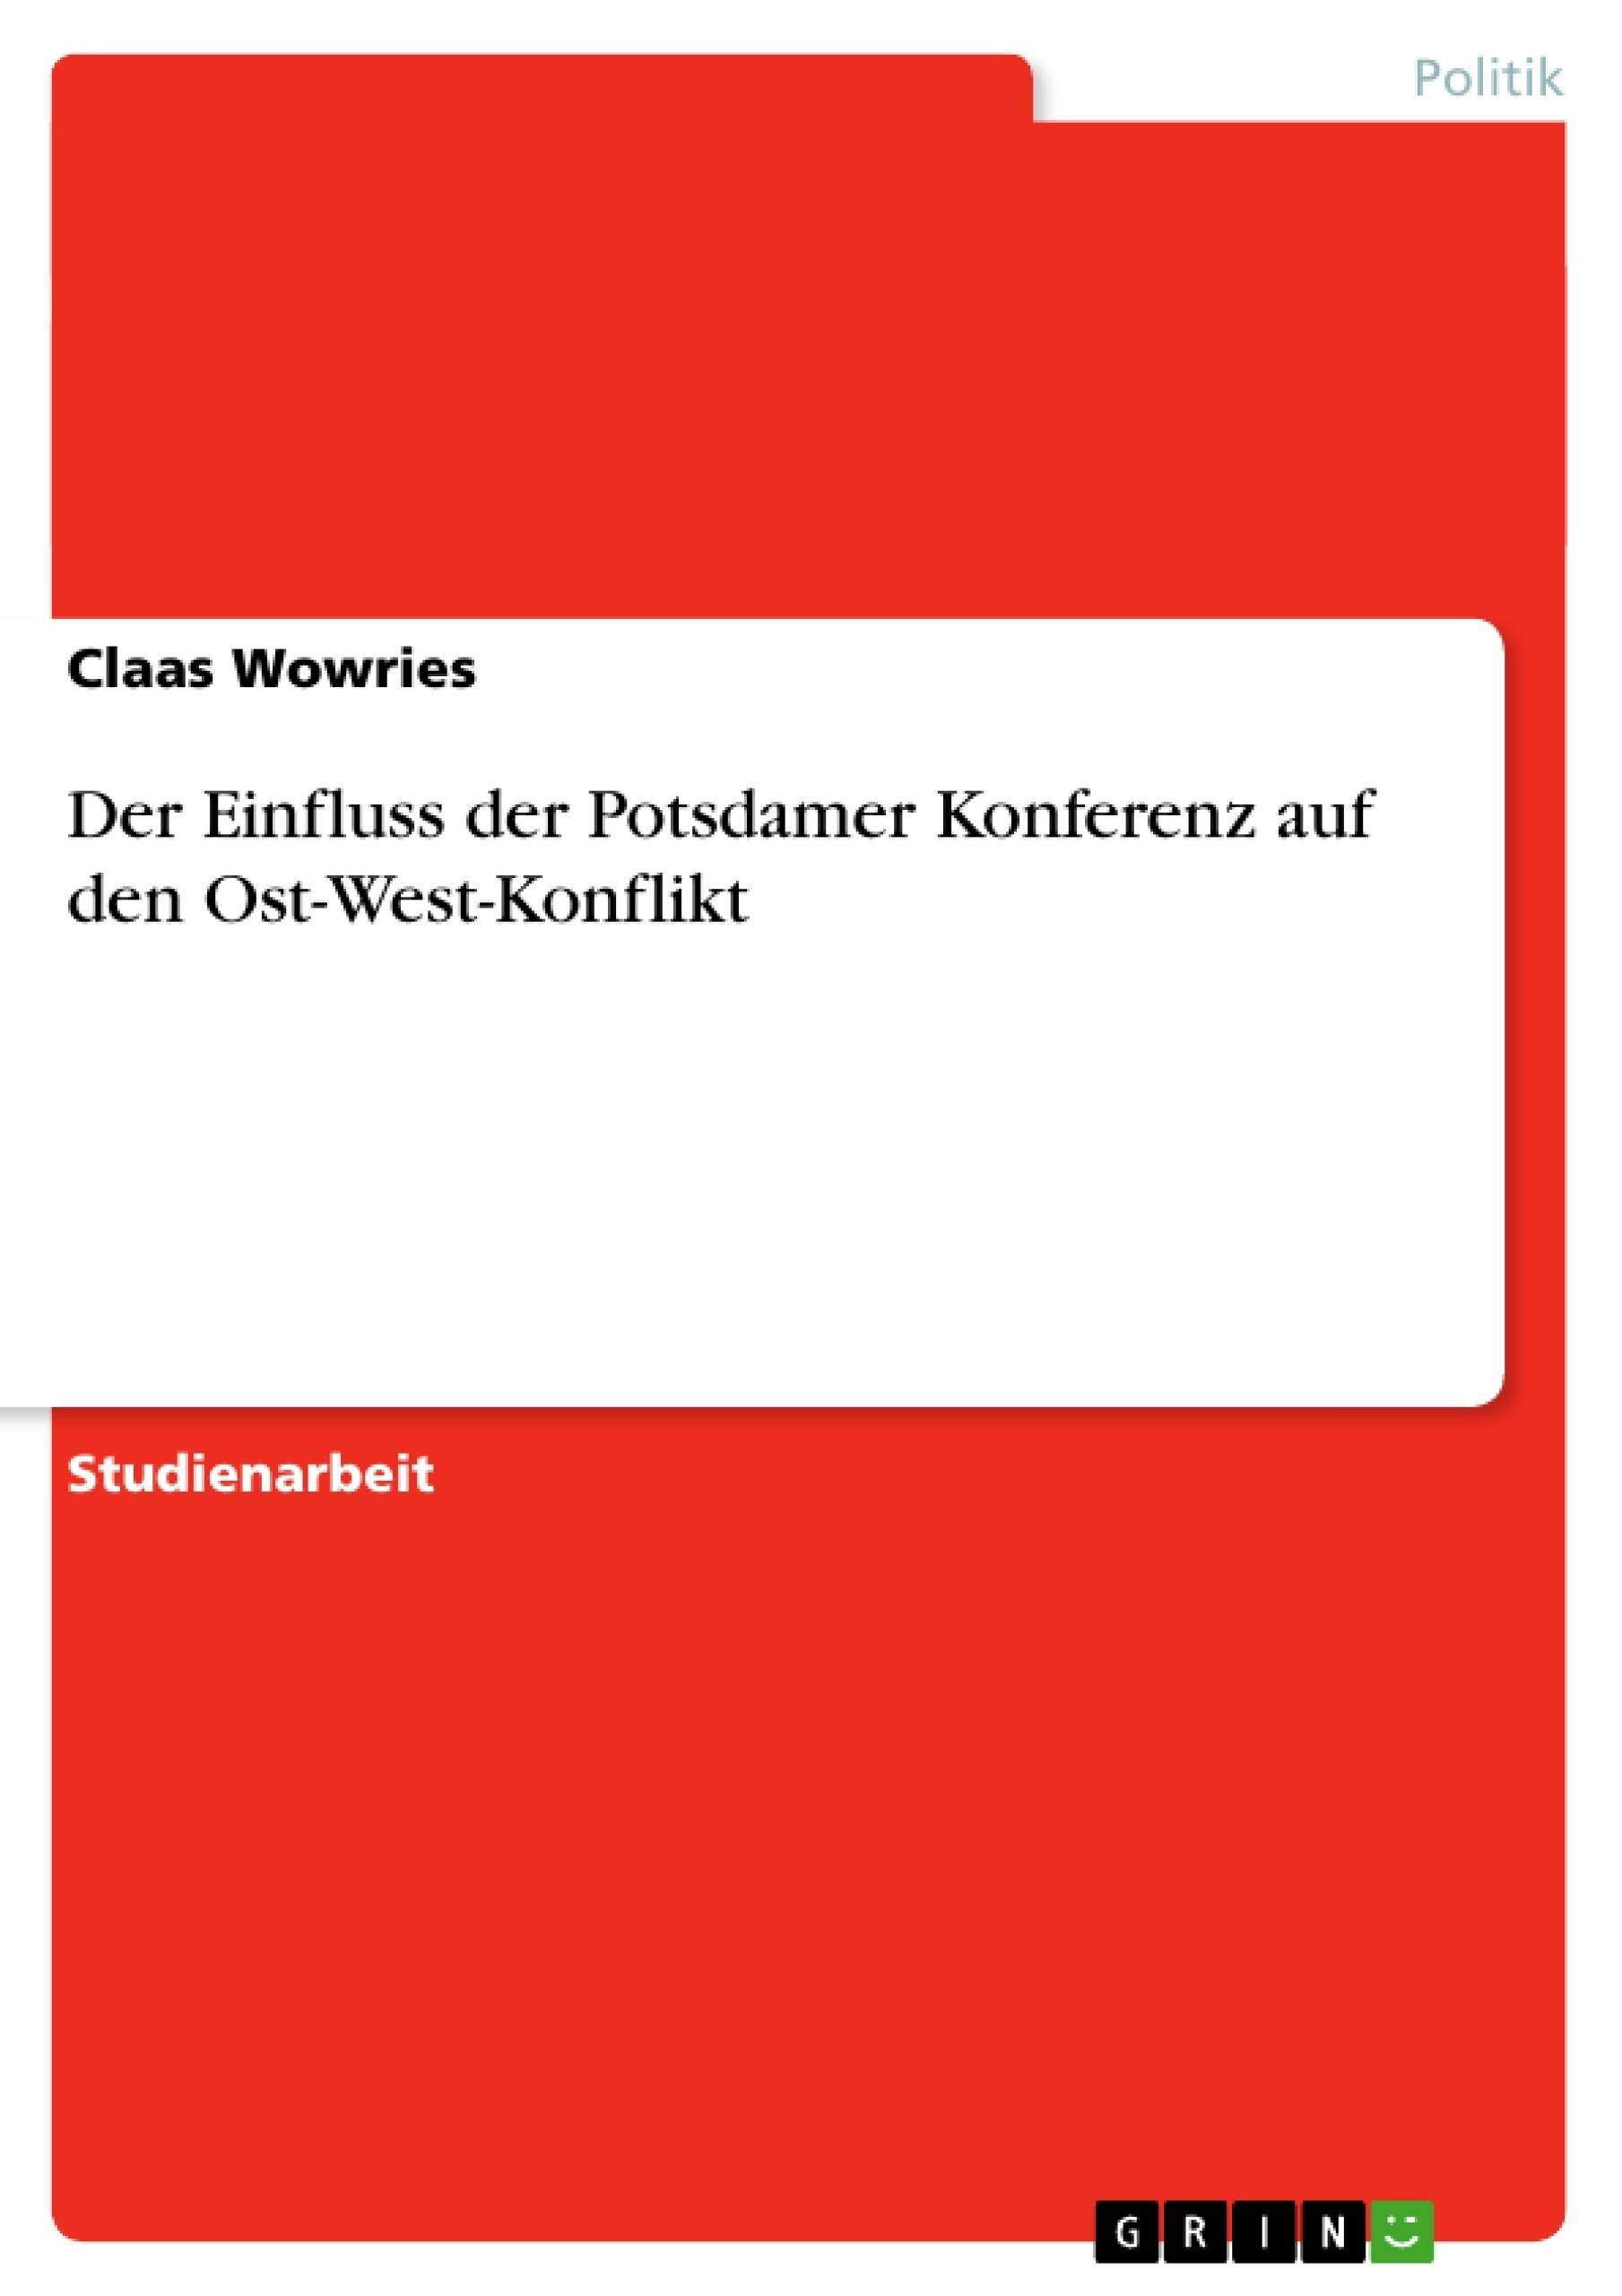 Titel: Der Einfluss der Potsdamer Konferenz auf den Ost-West-Konflikt